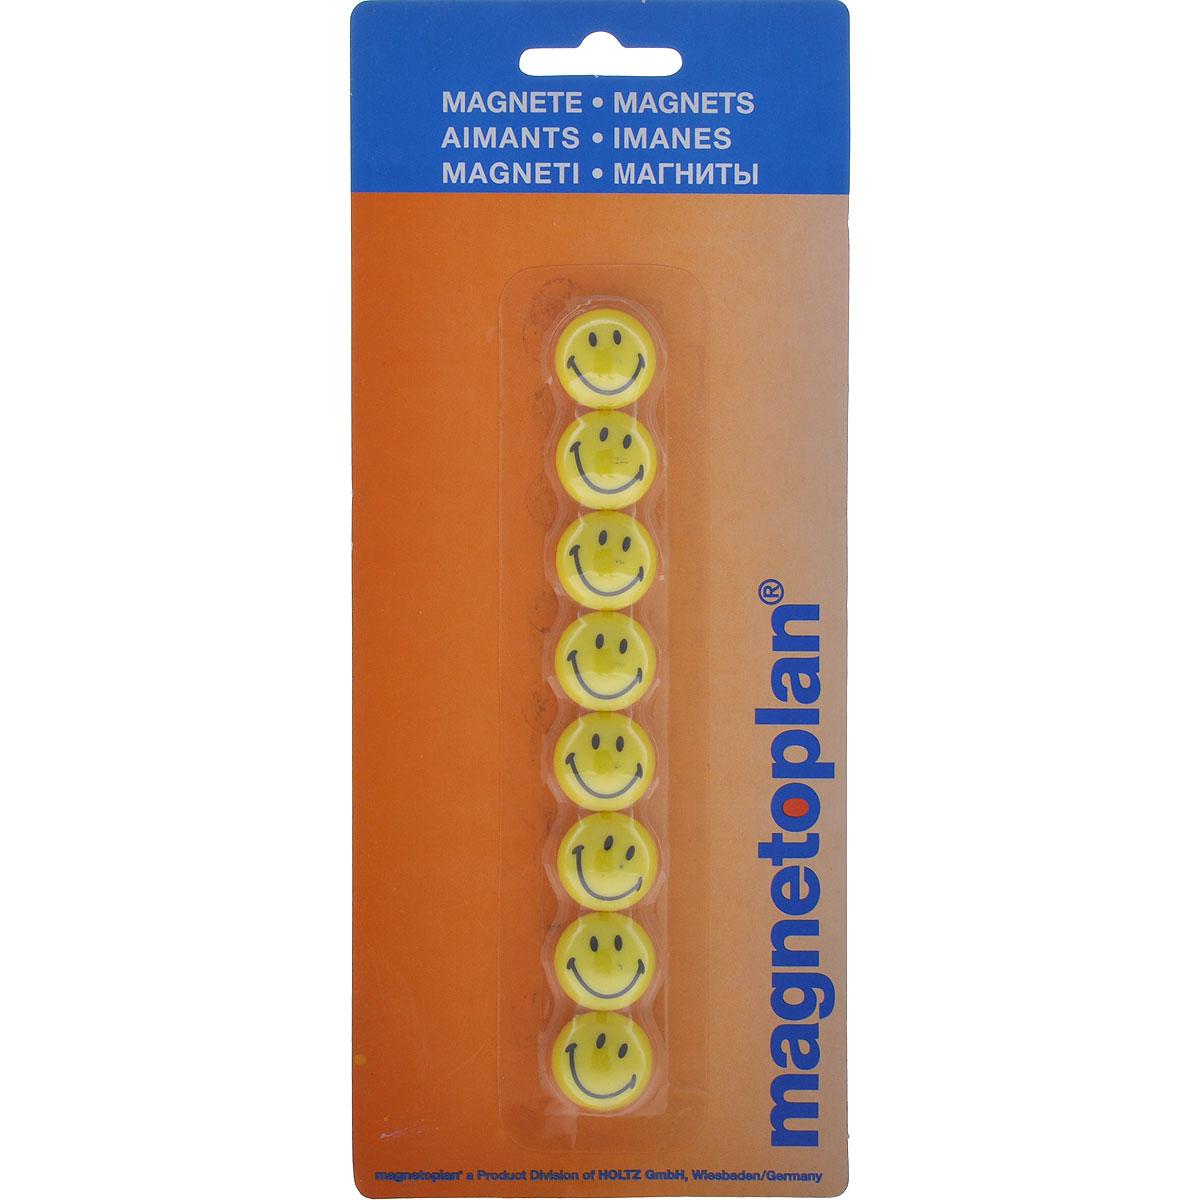 Магнит Смайл, цвет: желтый, 8 шт16671Оригинальные магниты Смайл не позволят потерять важную идею при проведении семинаров, мозговых штурмов или презентаций. Магниты круглой формы, оформленные изображением улыбающегося смайла, не только помогут надежно прикрепить листы бумаги к любой железной или стальной поверхности, но и поднимут настроение окружающим. В наборе восемь магнитов желтого цвета. Характеристики: Материал: пластик, магнит. Размер магнита (ДхШхВ): 2 см х 2 см х 1,5 см. Размер упаковки (ДхШхВ): 10 см х 24 см х 1,5 см.